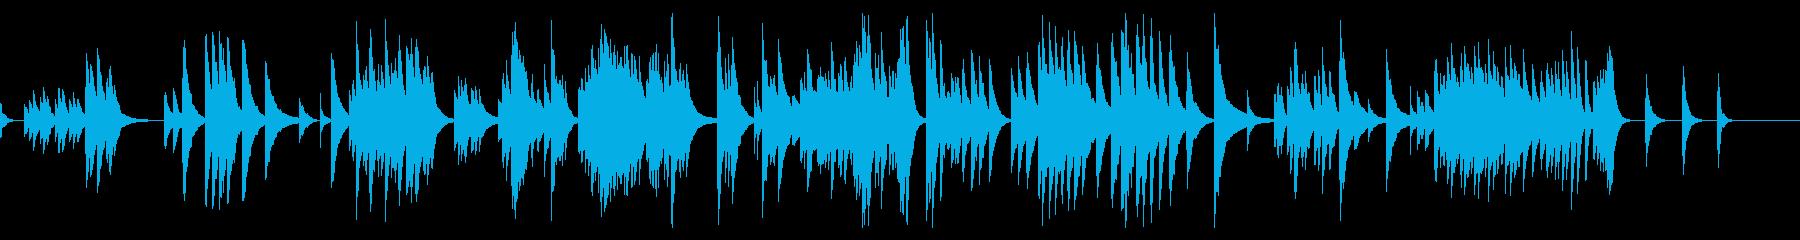 「亜麻色の髪の乙女」オルゴールver.の再生済みの波形